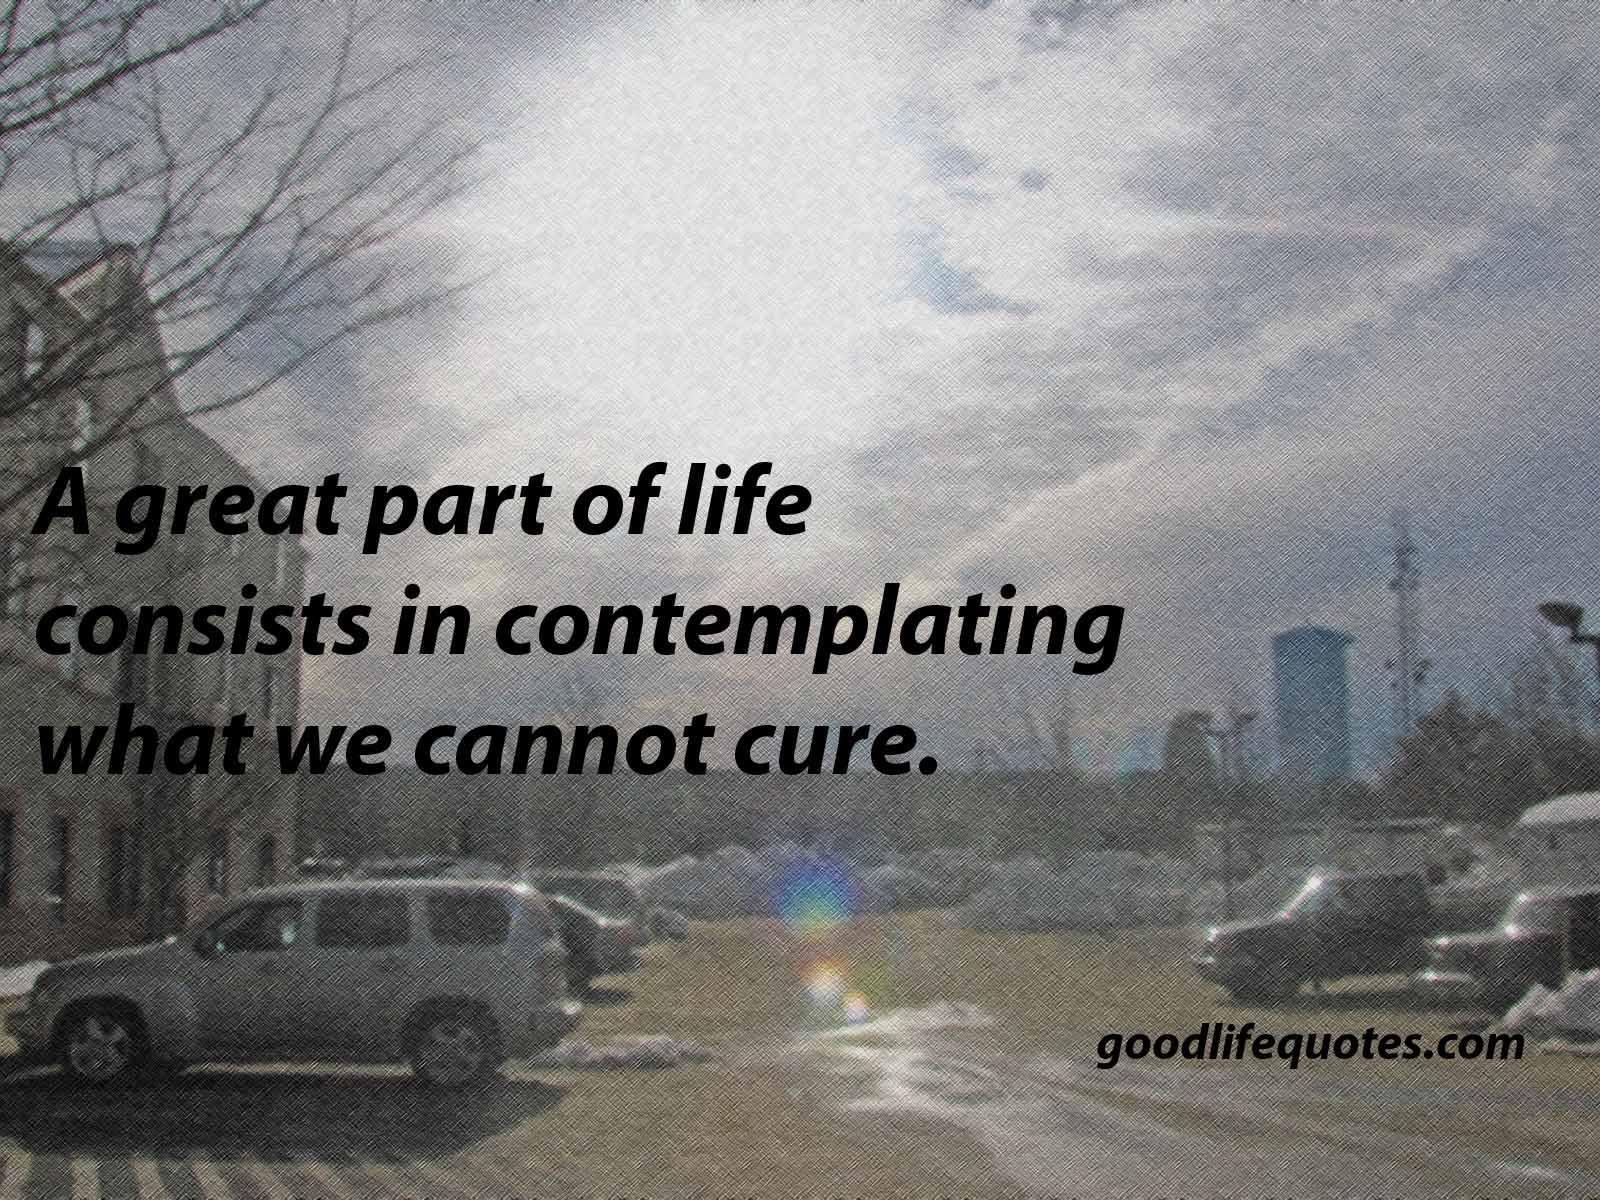 Contemplating Life Quotes. QuotesGram